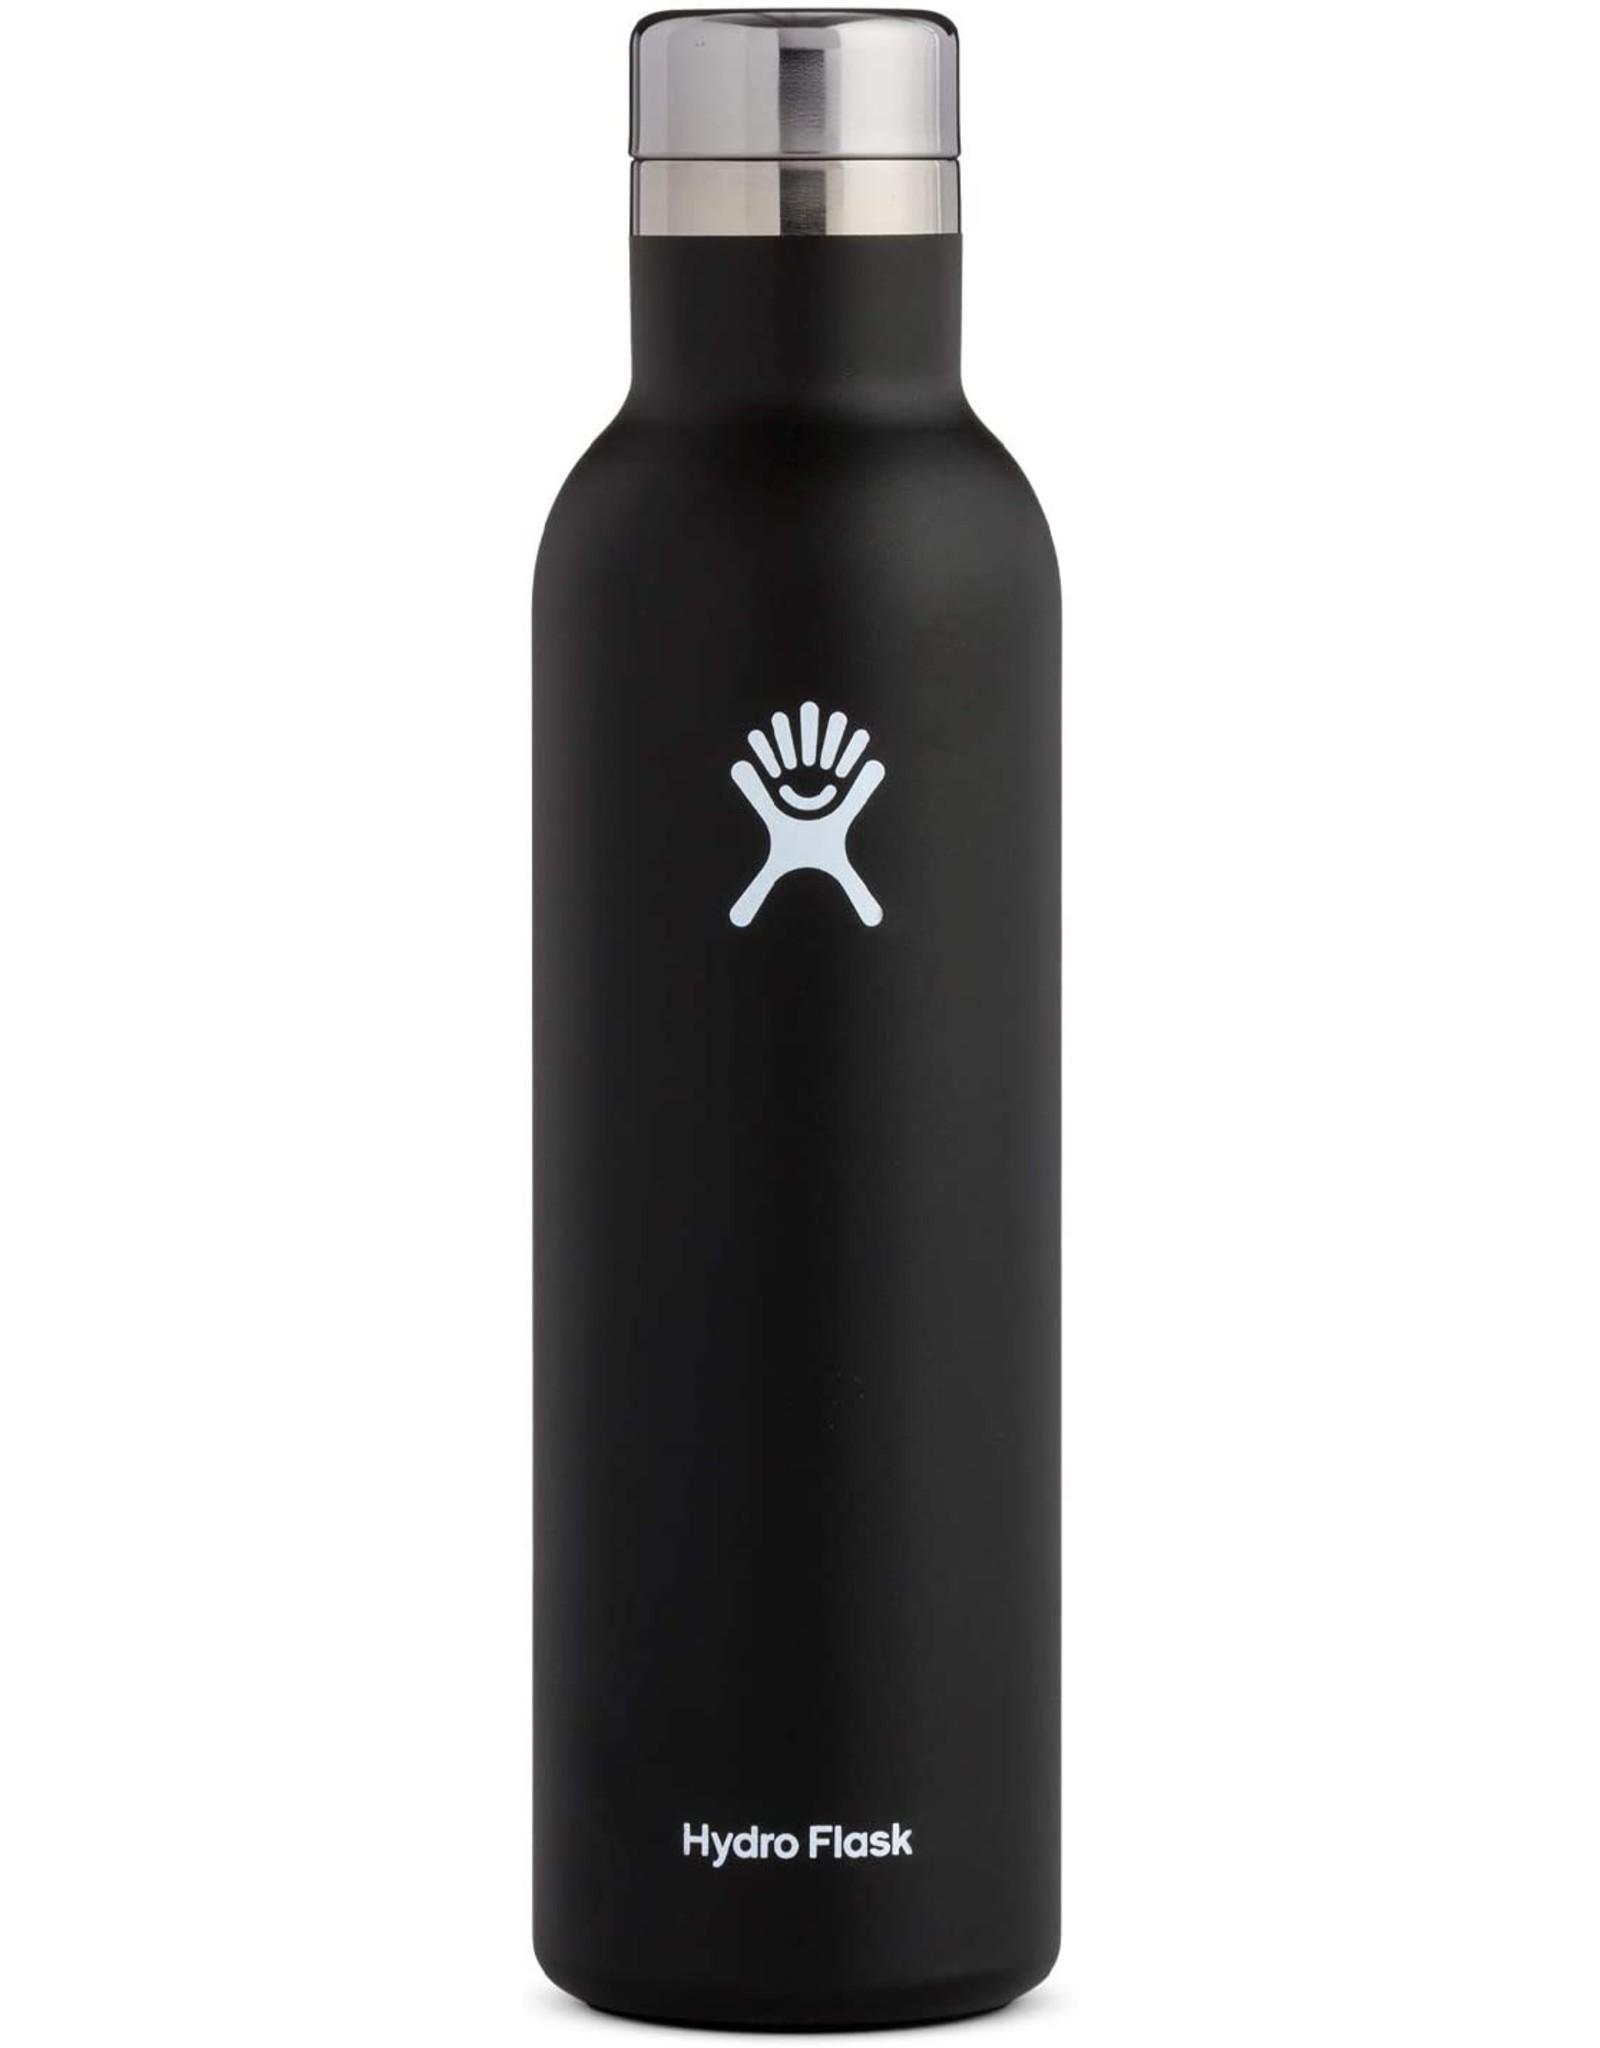 Hydroflask - 25 OZ. WINE BOTTLE